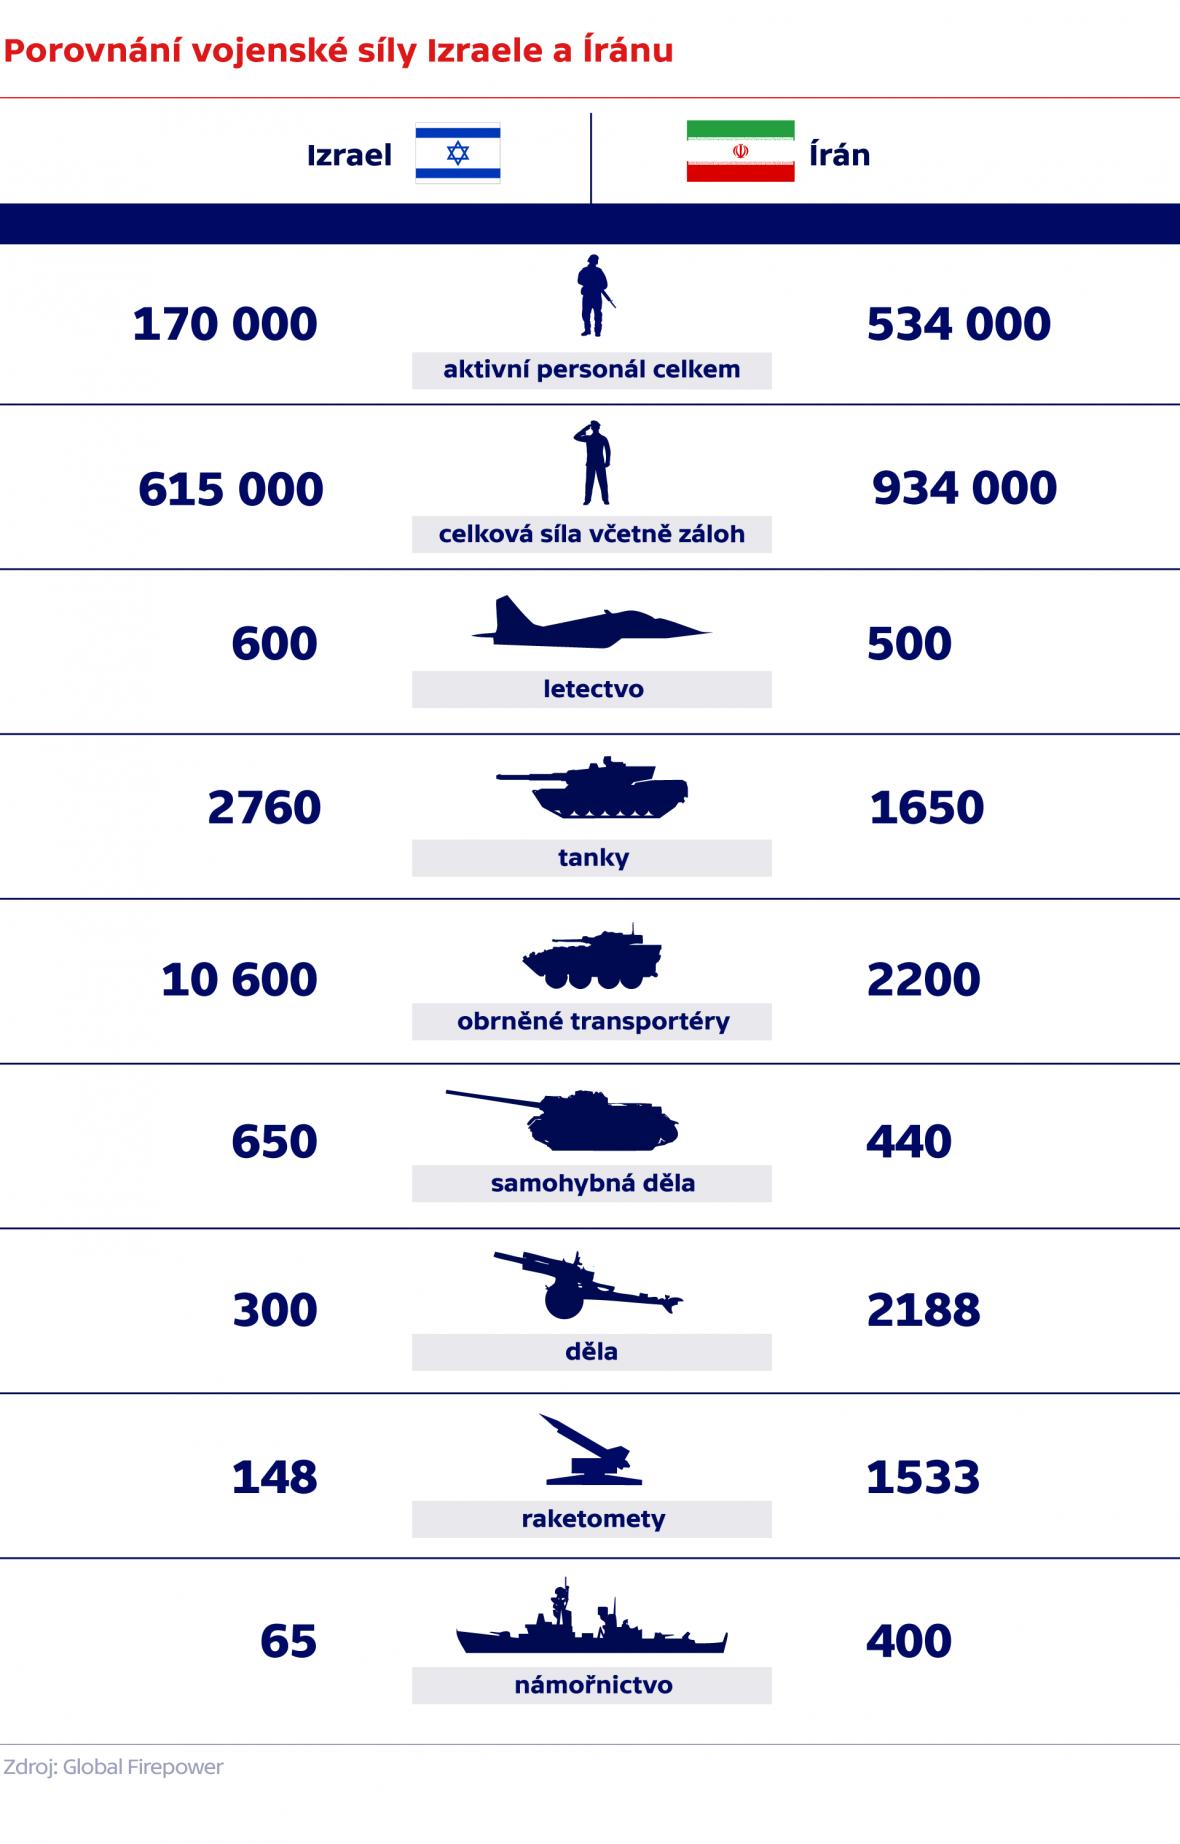 Porovnání vojenské síly Izraele a Íránu